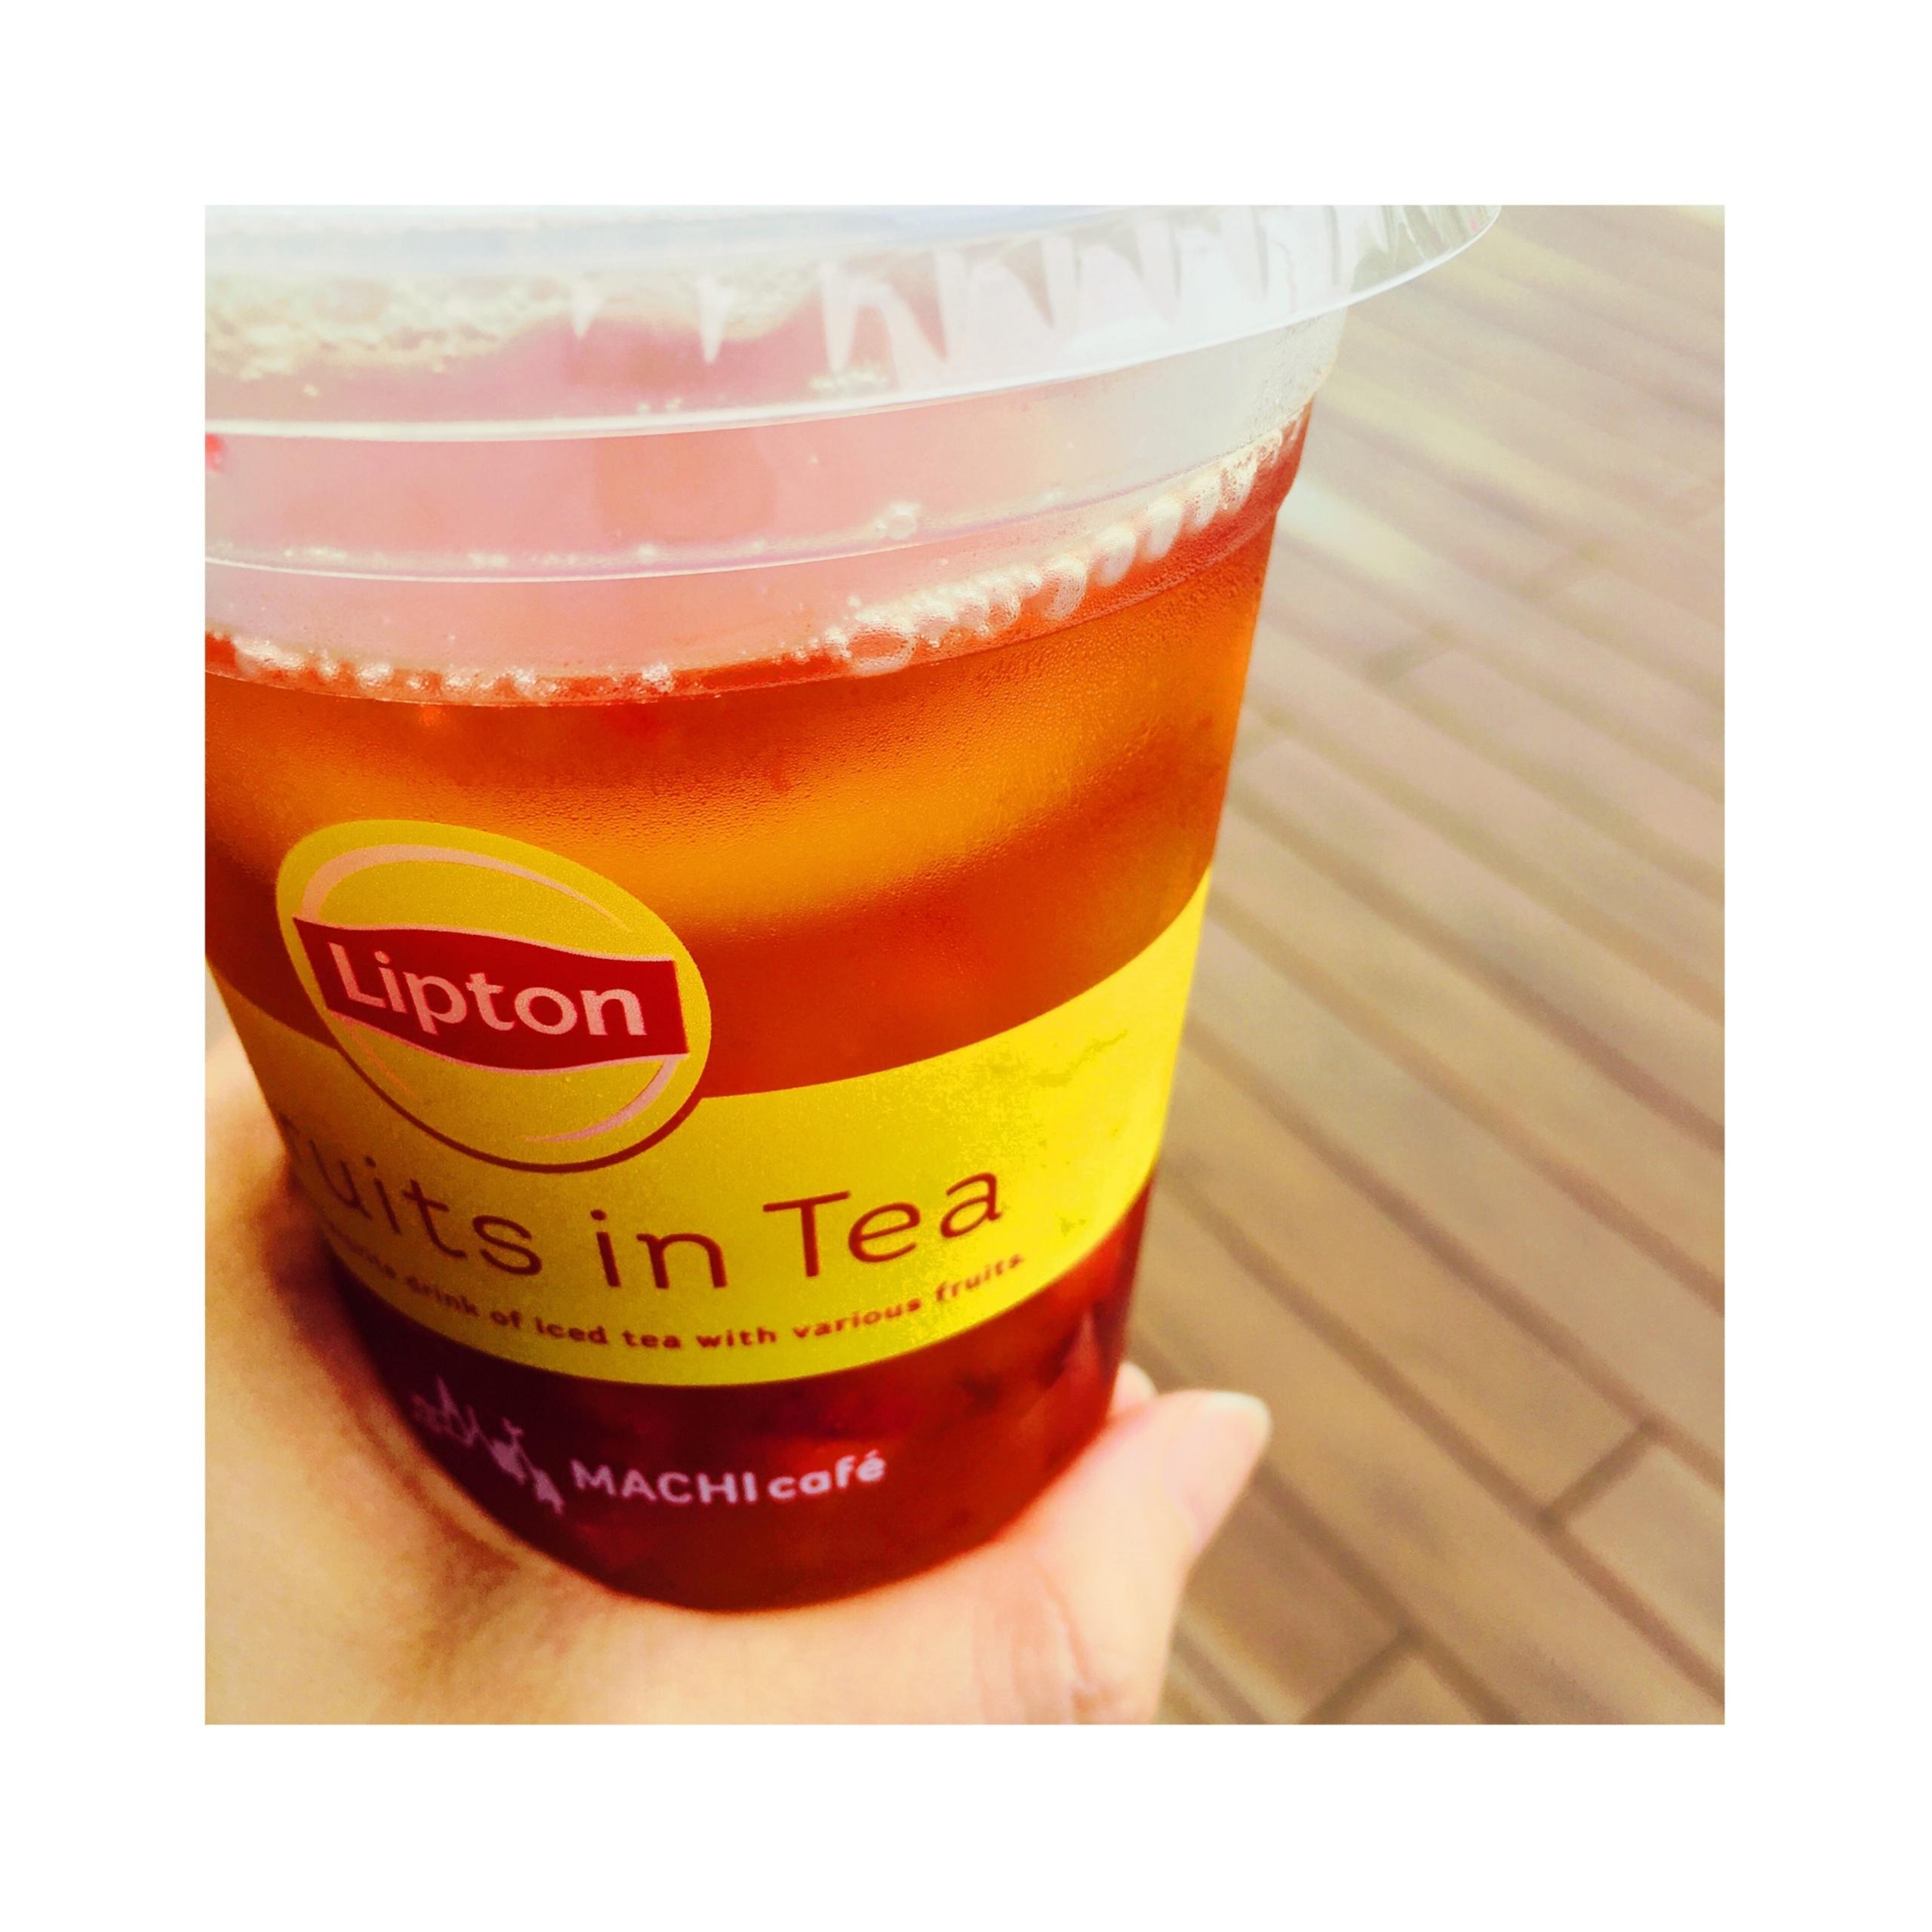 《SNSでも既に話題沸騰★》4時間半待ちの1杯が即買える?!【ローソン】MACHI cafe Lipton フルーツインティーがおいしすぎる❤️_2